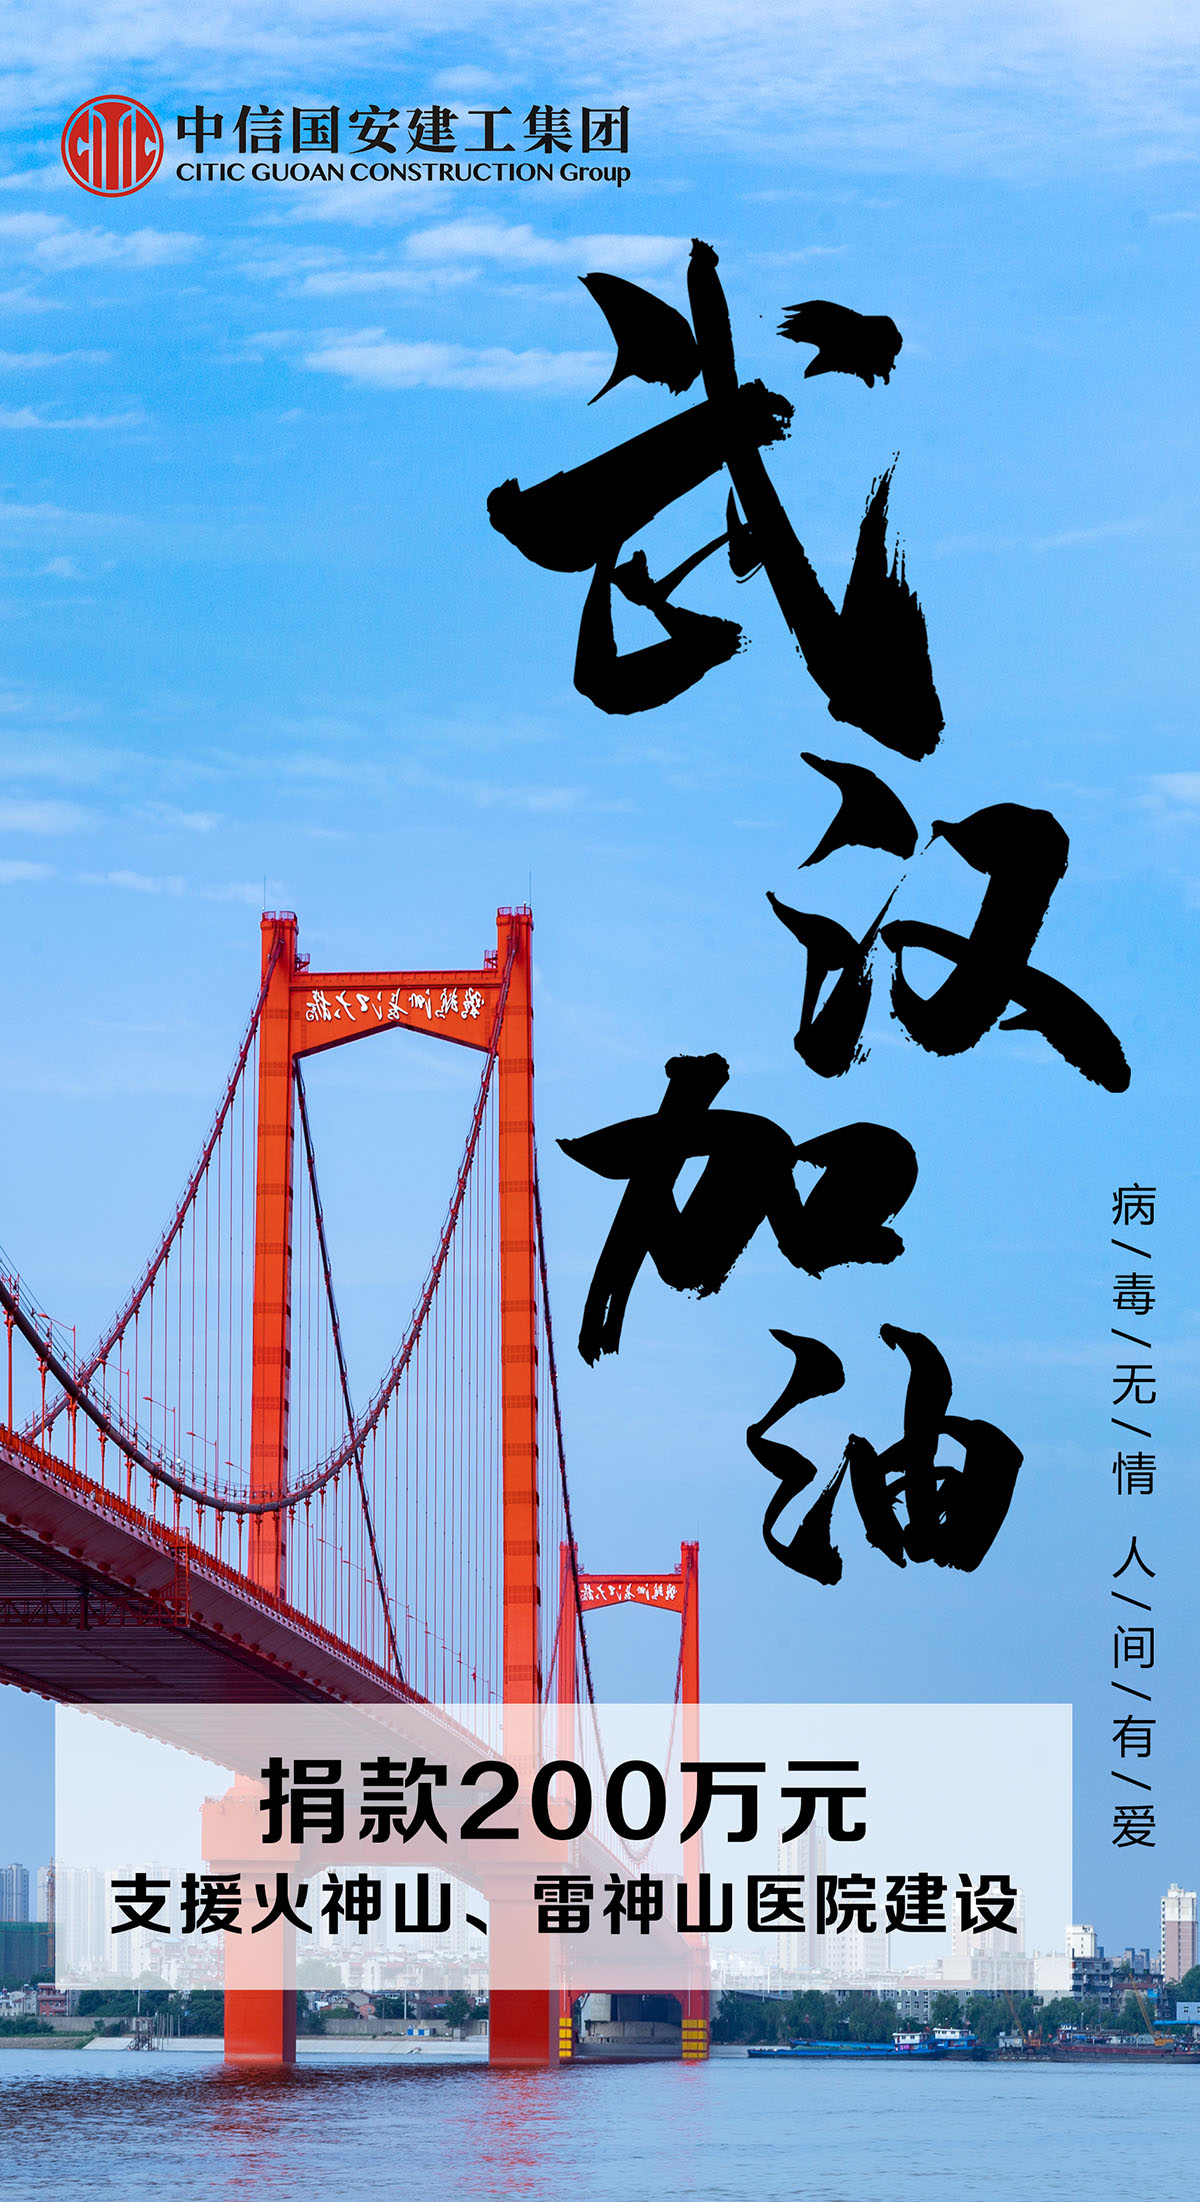 中信国安建工集团向武汉市红十字基金会捐款200万元